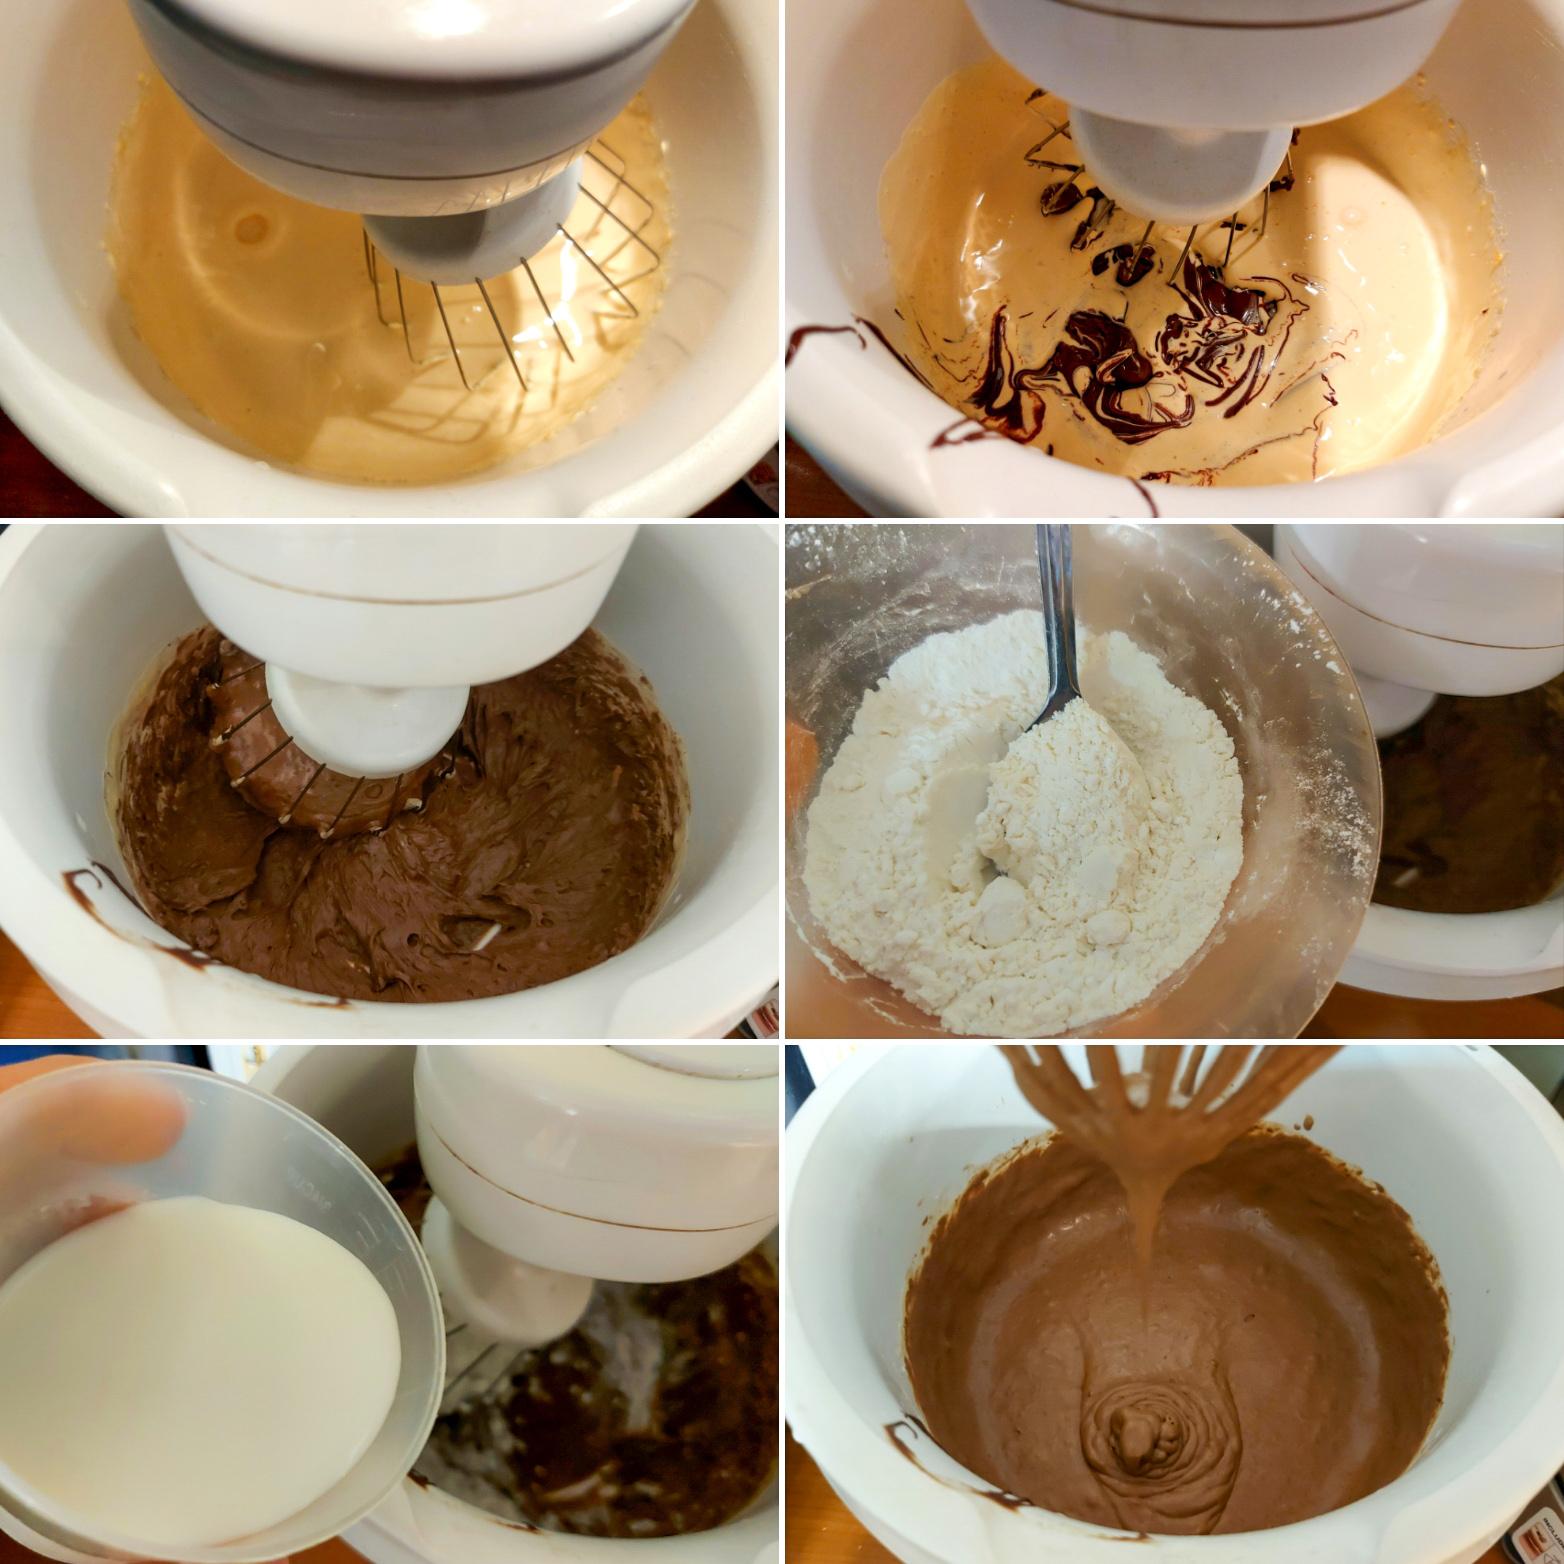 Cokoladna-jaffa-torta-7